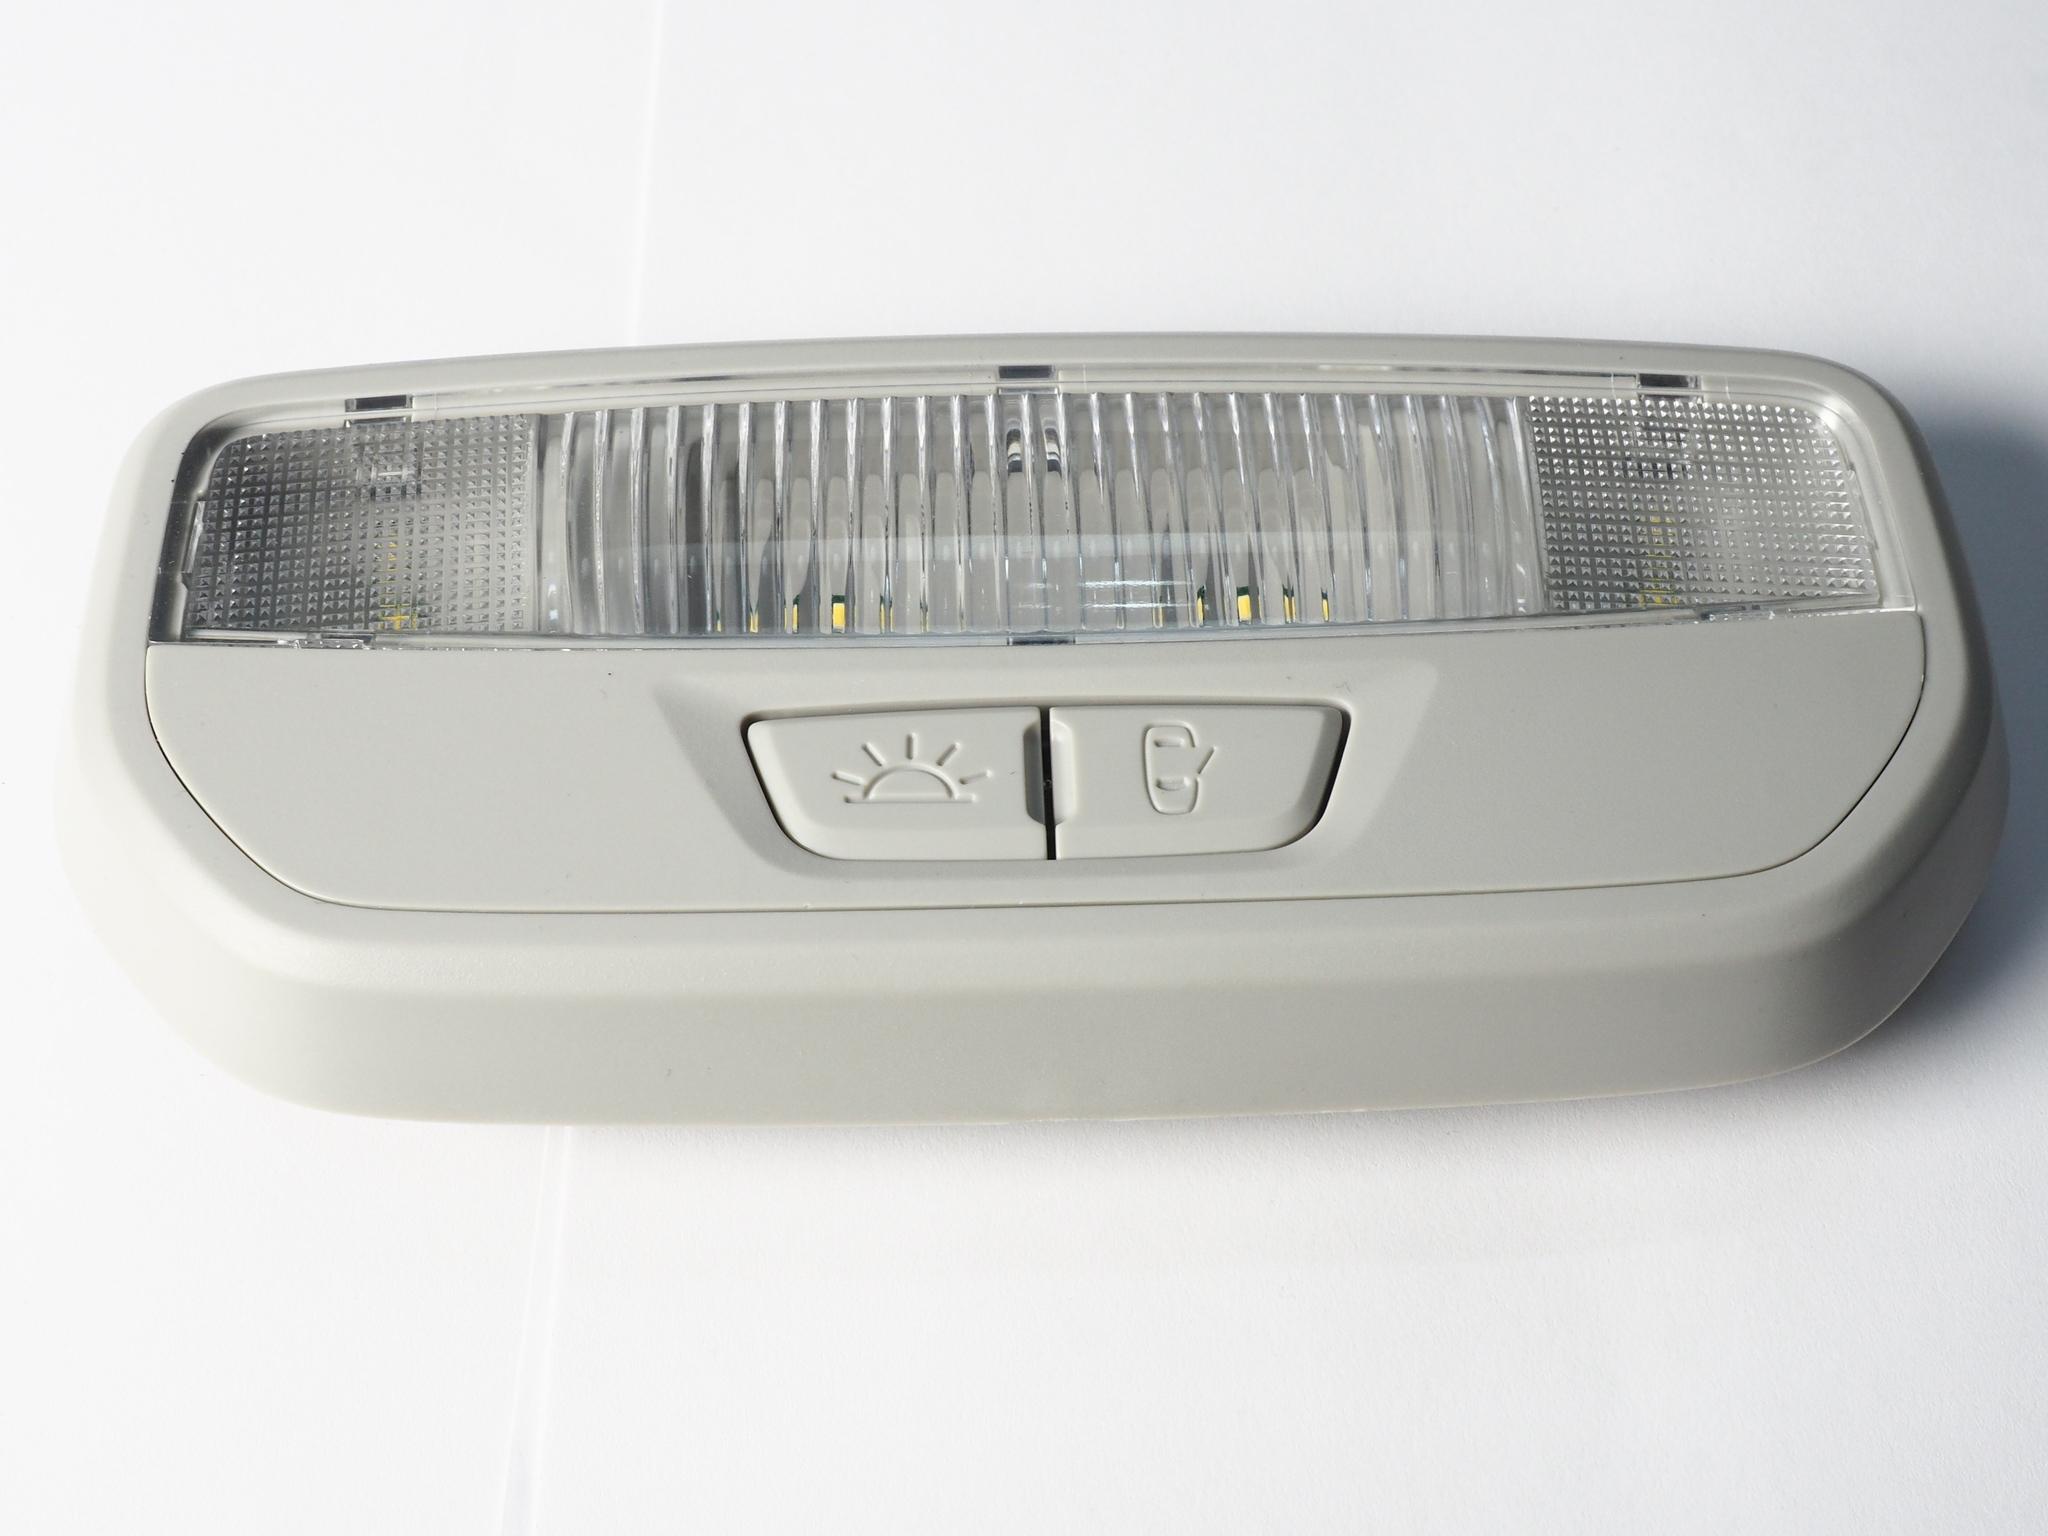 Плафон освещения второго ряда сидений для Лада Веста, Xray